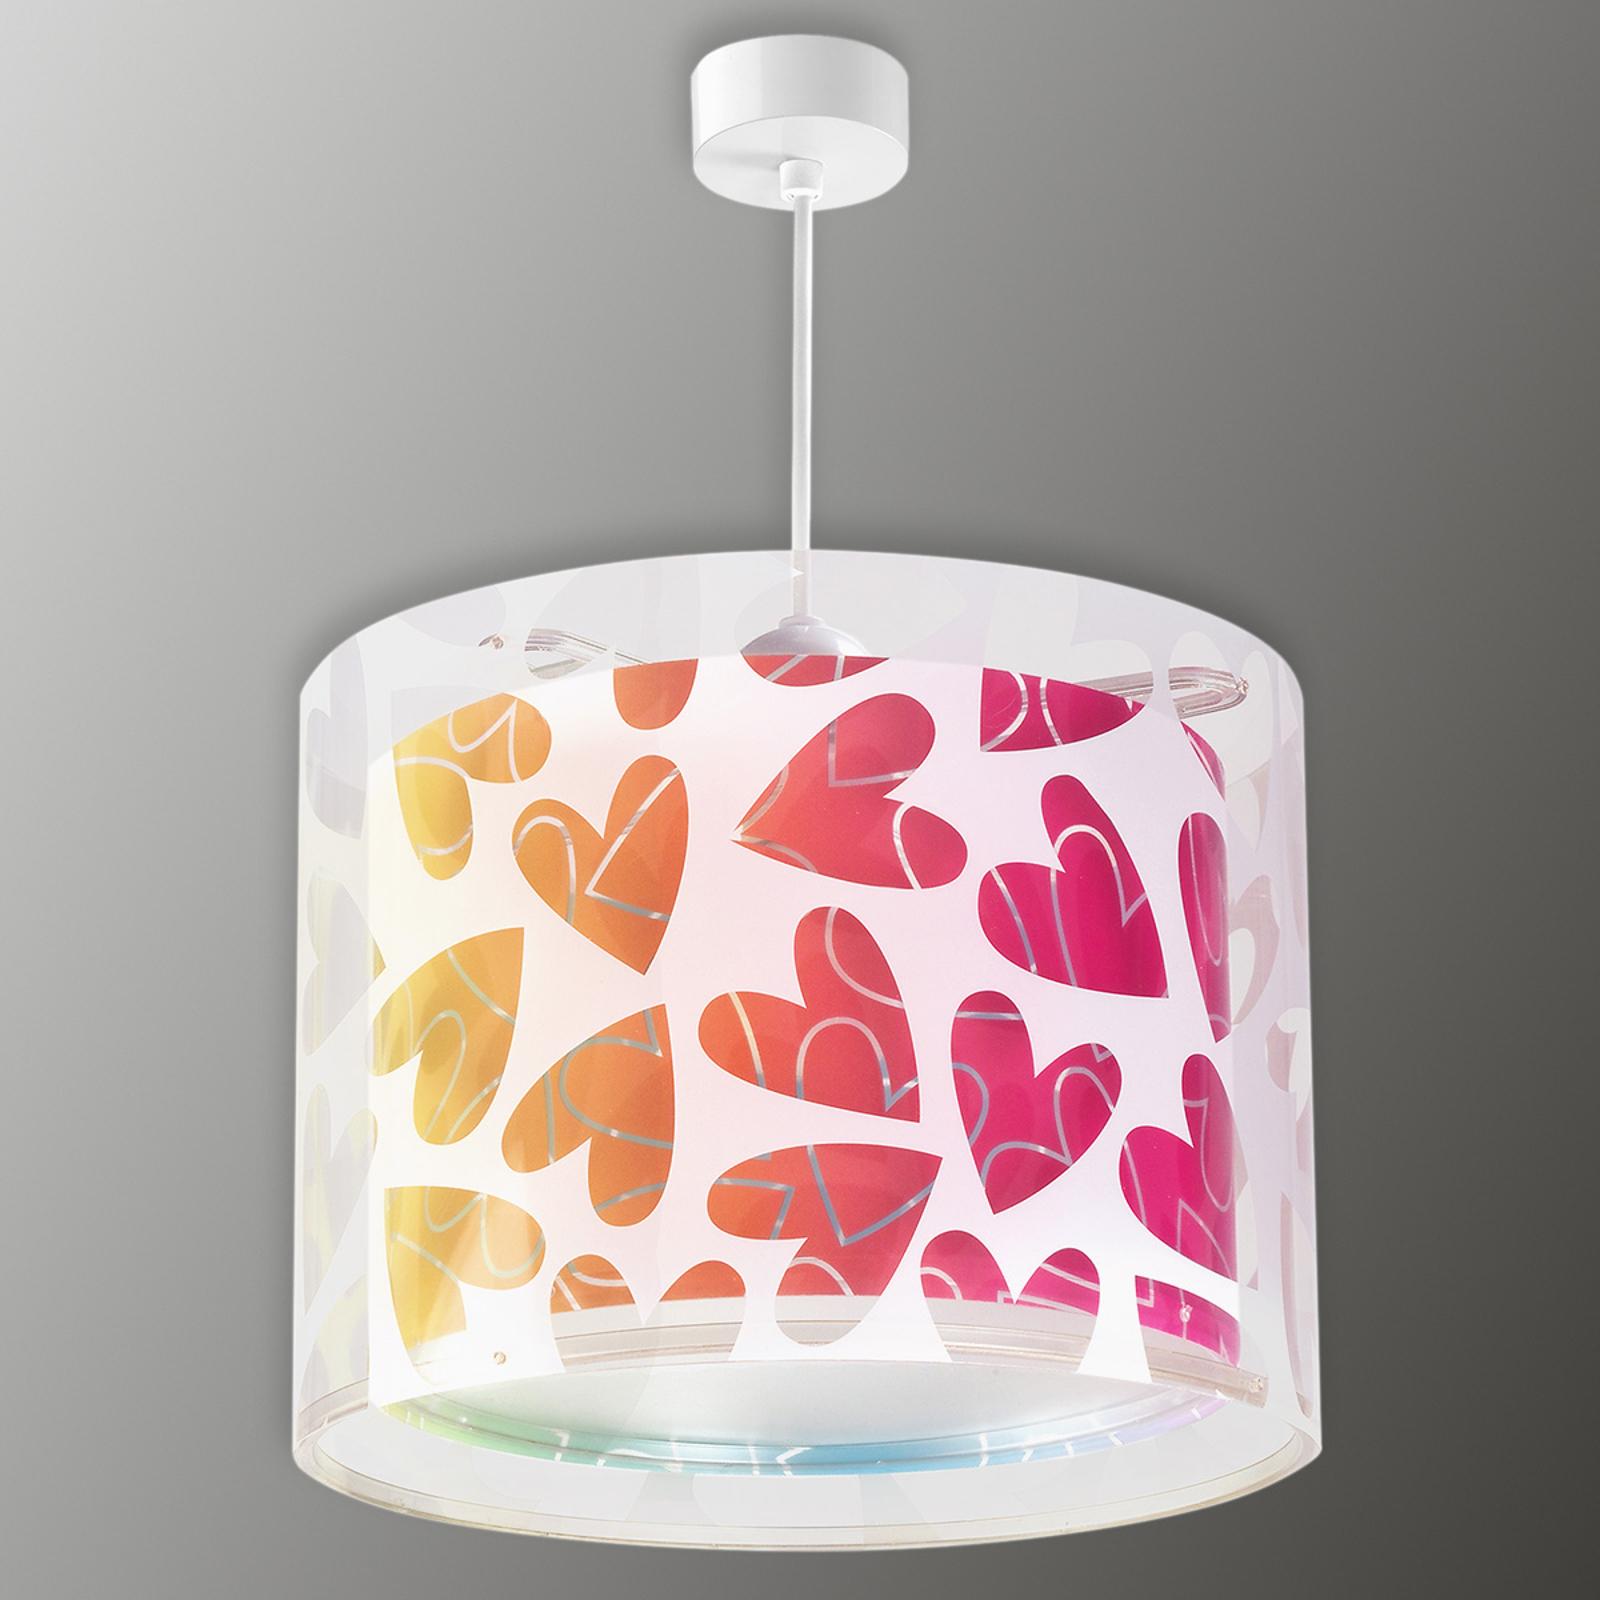 Lampada a sospensione Cuore decorata con cuori